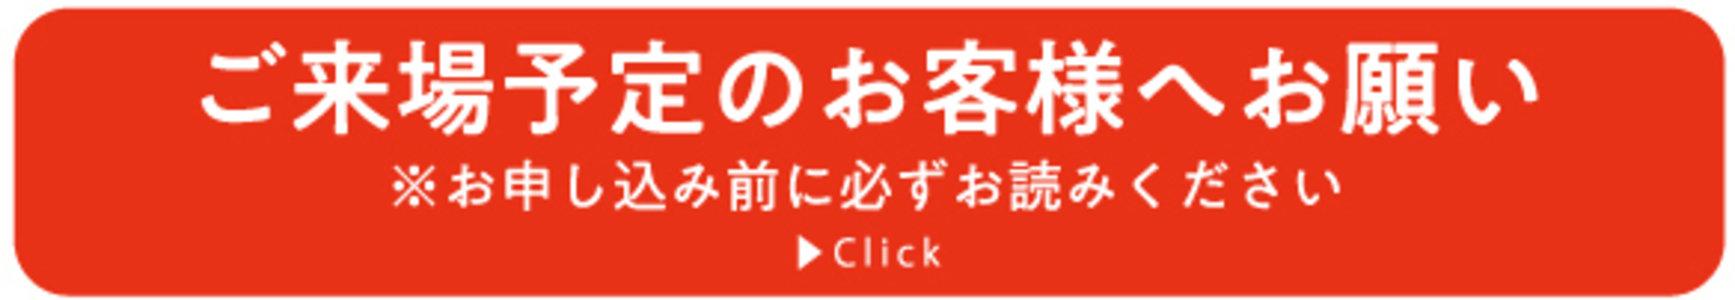 【再振替】「LAWSON presents 夏川椎菜 Zepp Live Tour 2020-2021 Pre-2nd」福岡公演 1回目